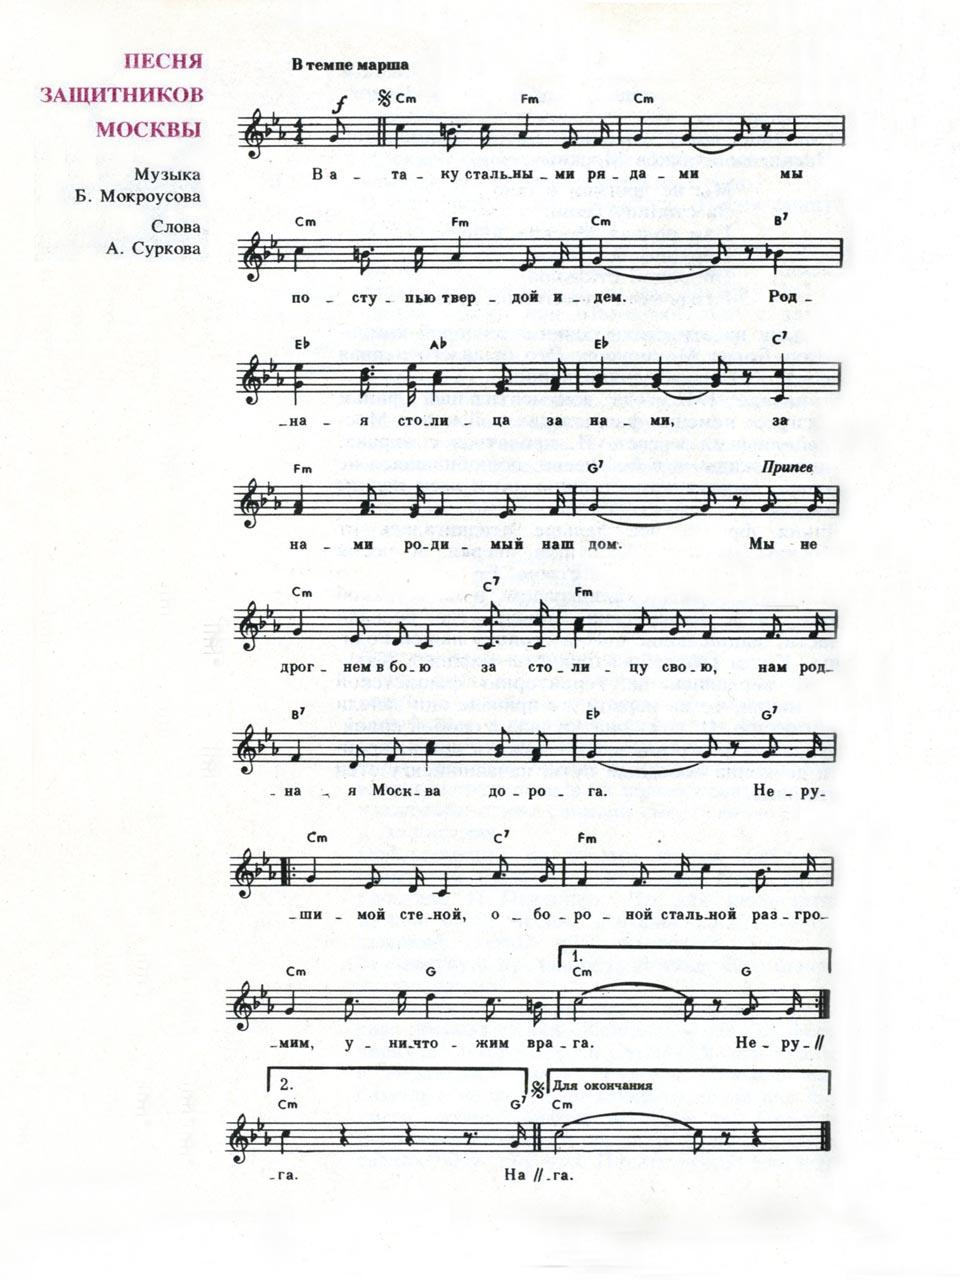 Б. Мокроусов, А. Сурков. Песня защитников Москвы. Ноты для голоса и аккорды